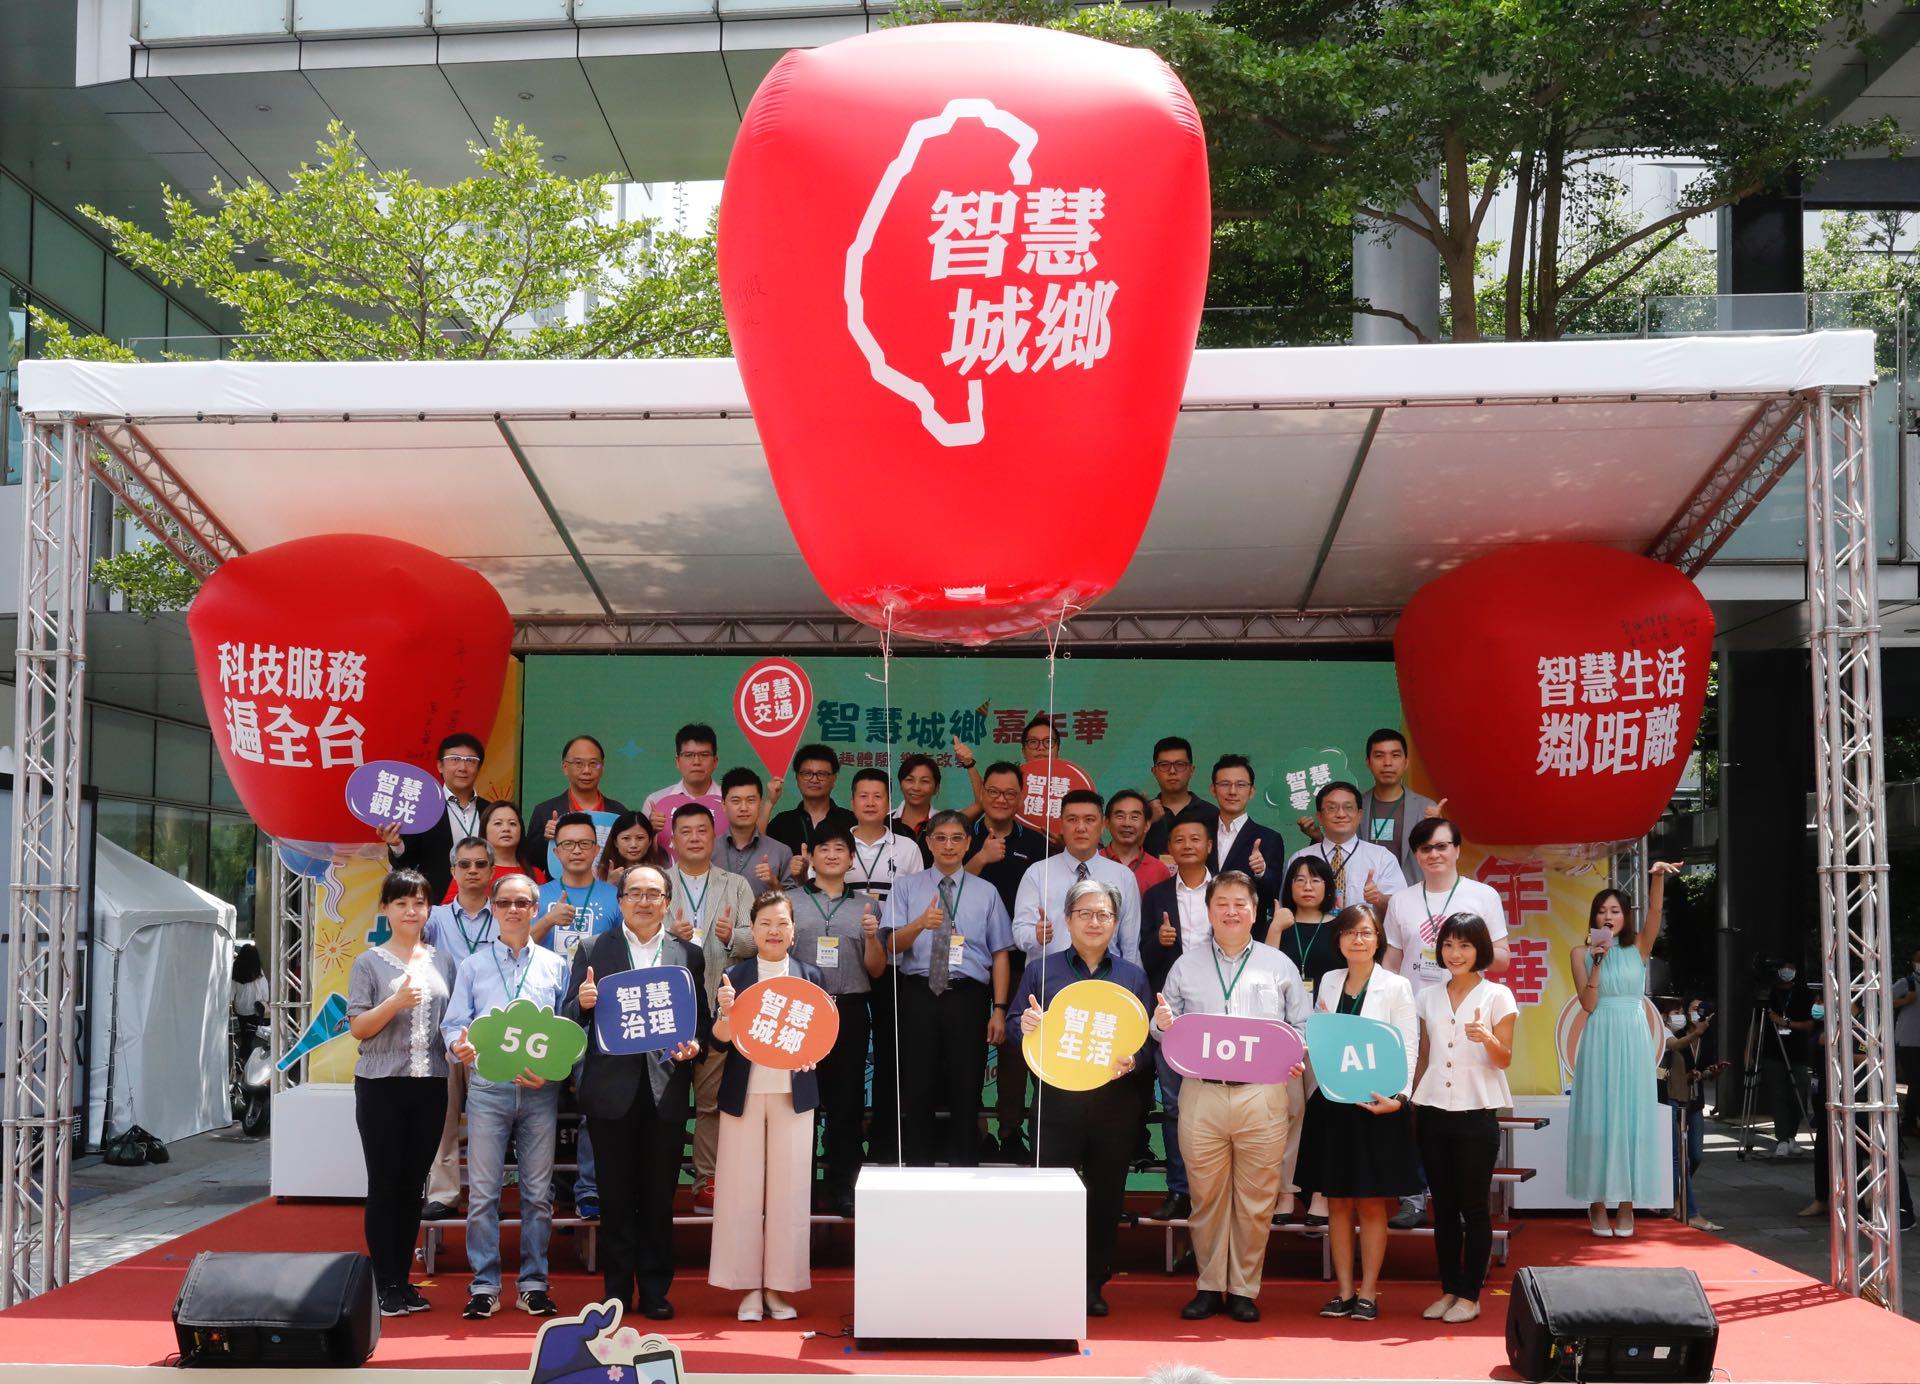 智慧城鄉嘉年華 看見台灣科技轉型真實力活動大合照